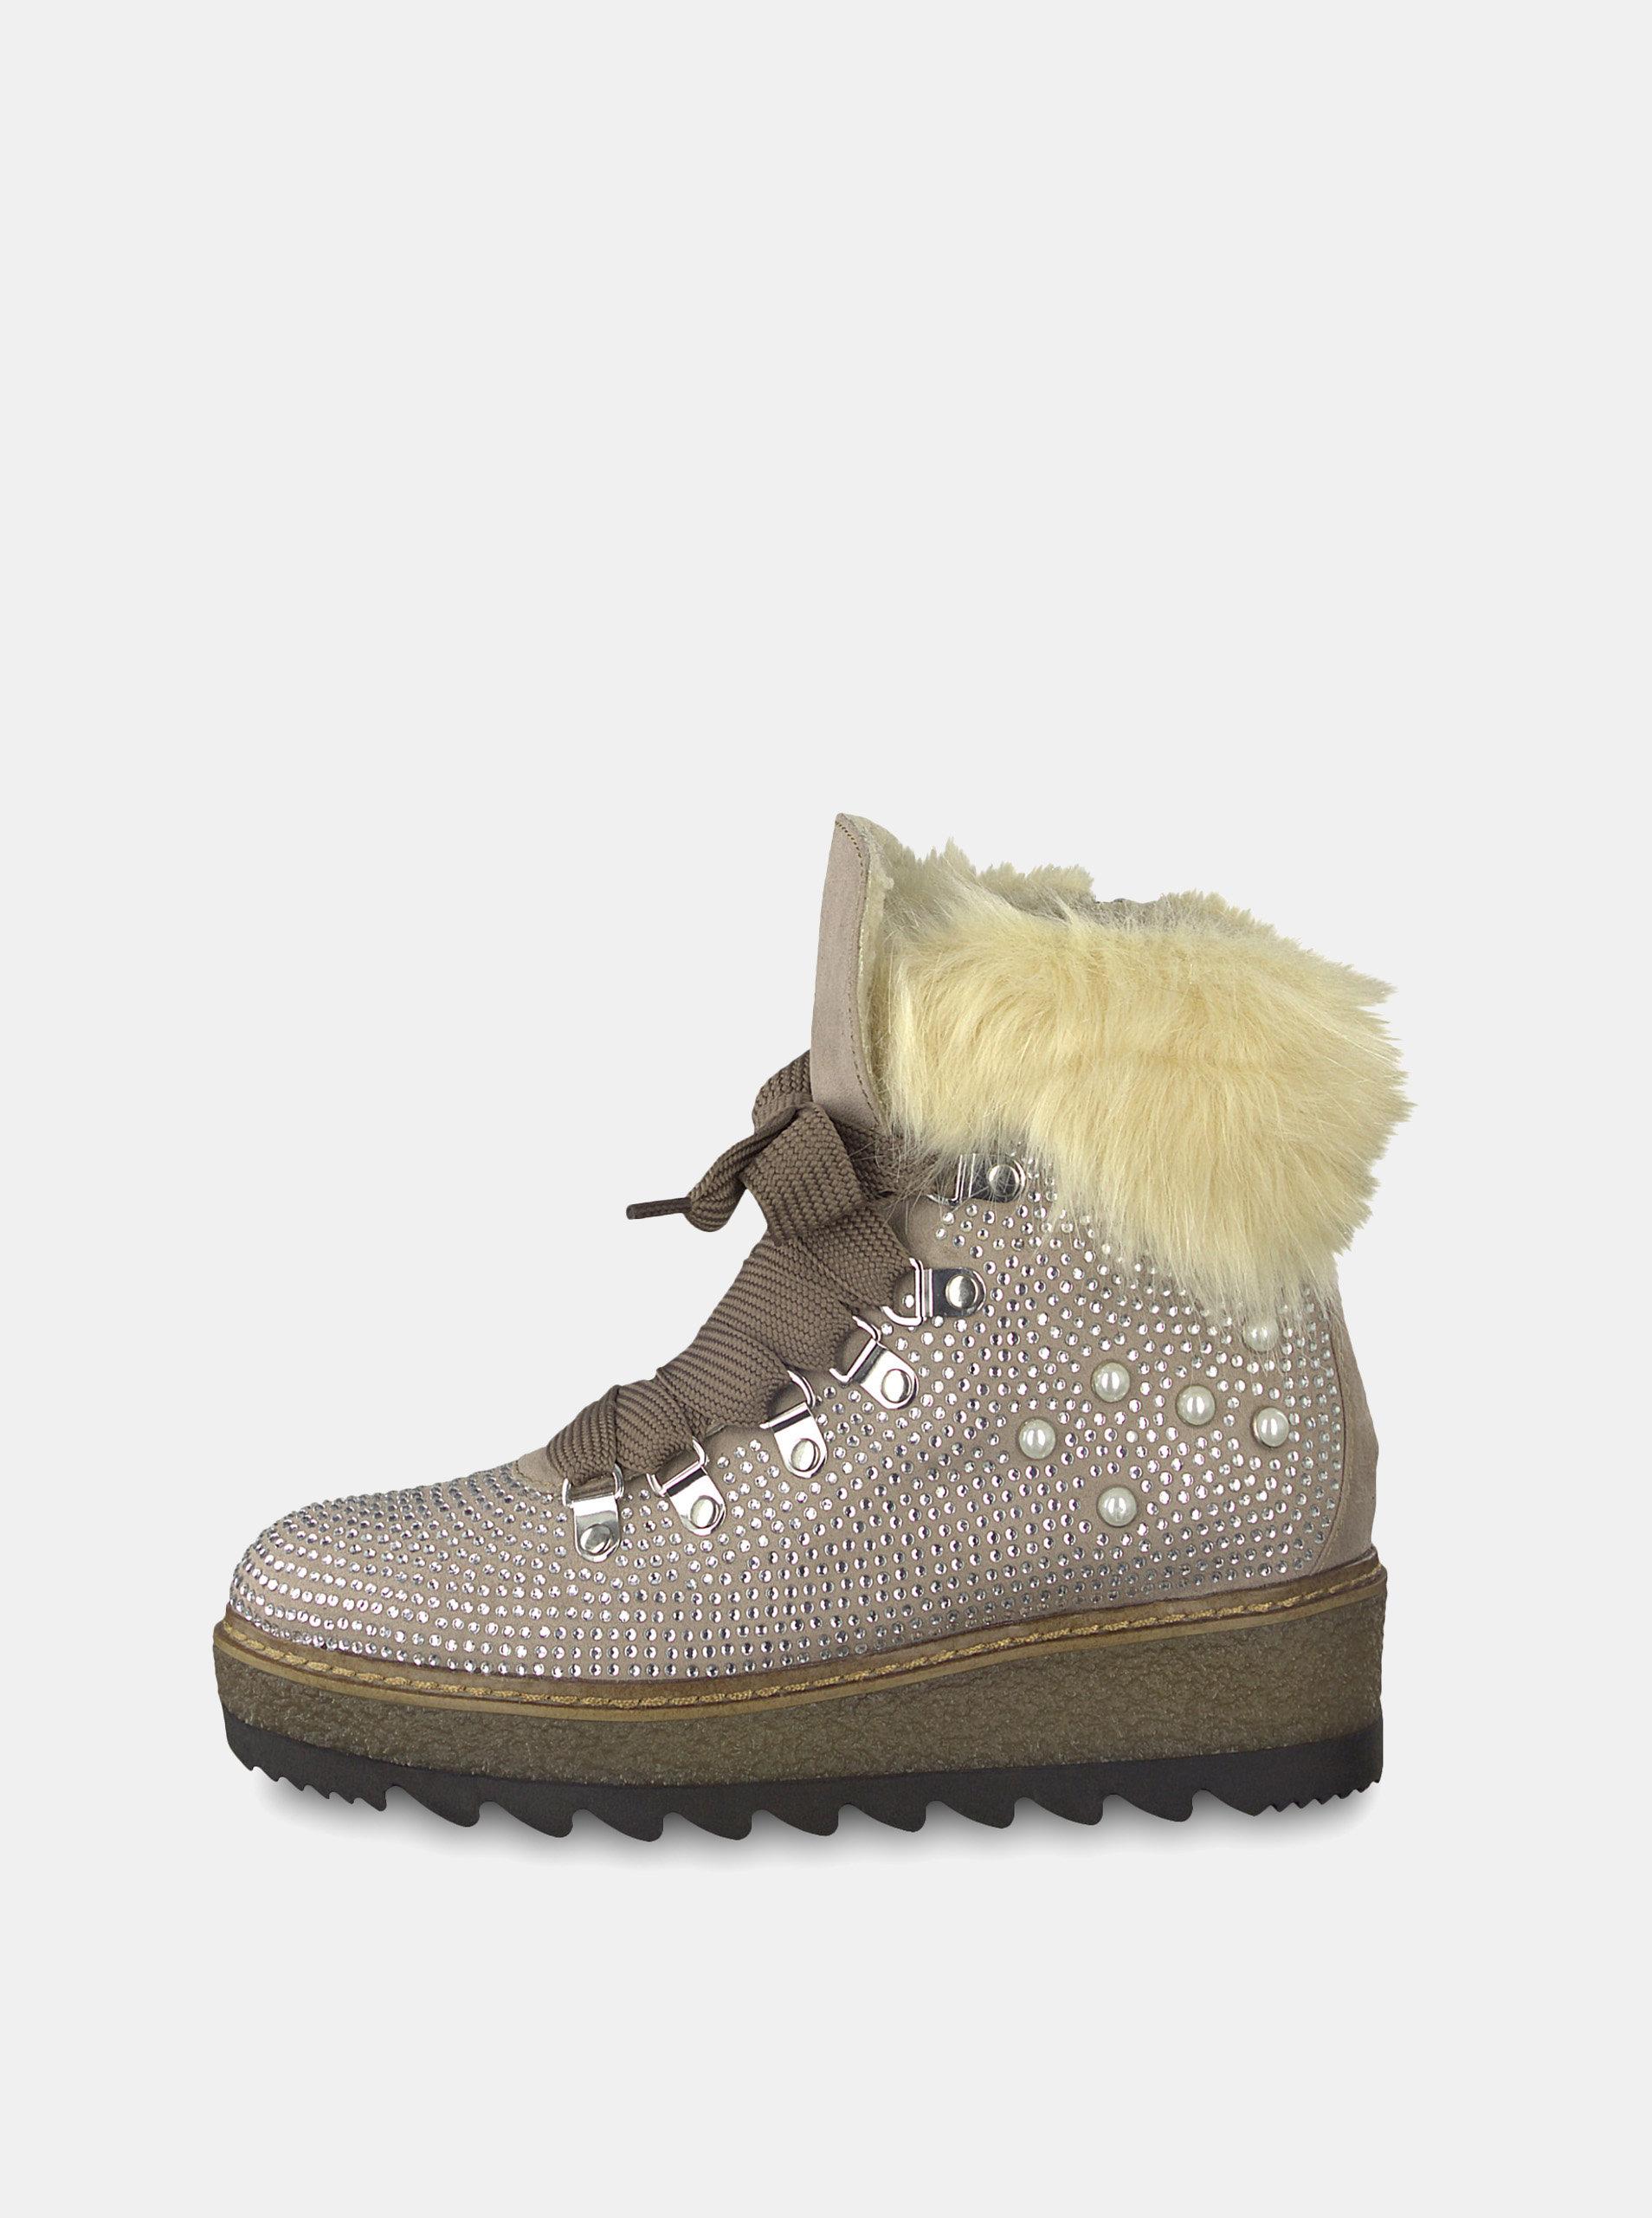 307add9365 Béžové zimní boty v semišové úpravě na platformě s ozdobnými kamínky  Tamaris ...